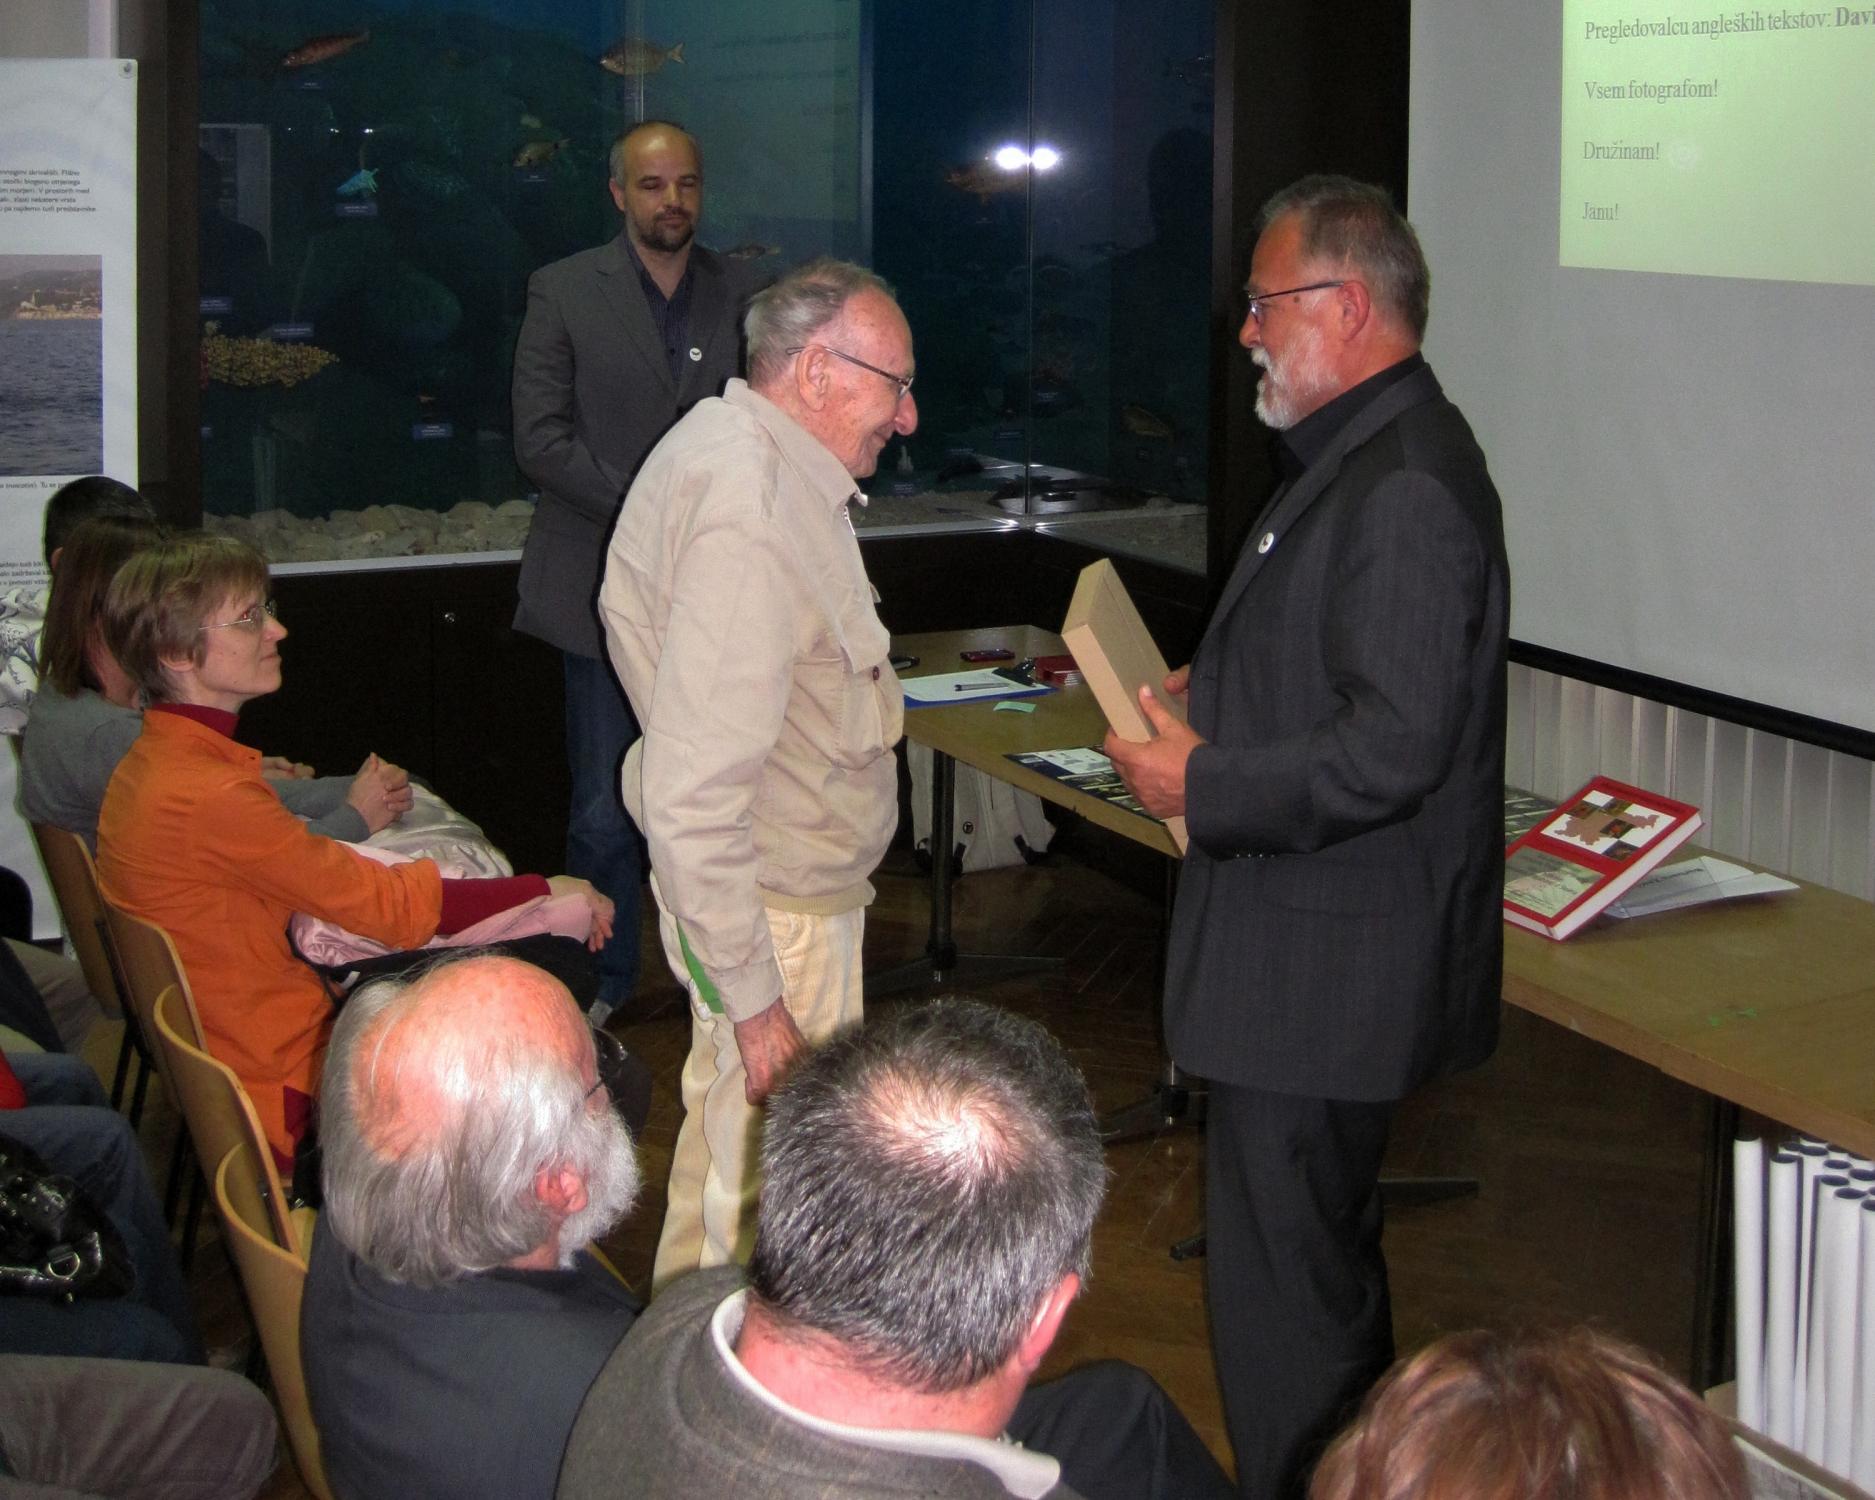 2.Ob svečanem izidu Atlasa dnevnih metuljev Slovenije 3.4.2012, je Jan Carnelutti, vidno ganjen in ponosen na svoje učence, prejel avtorski izvod. Foto: Slavko Polak